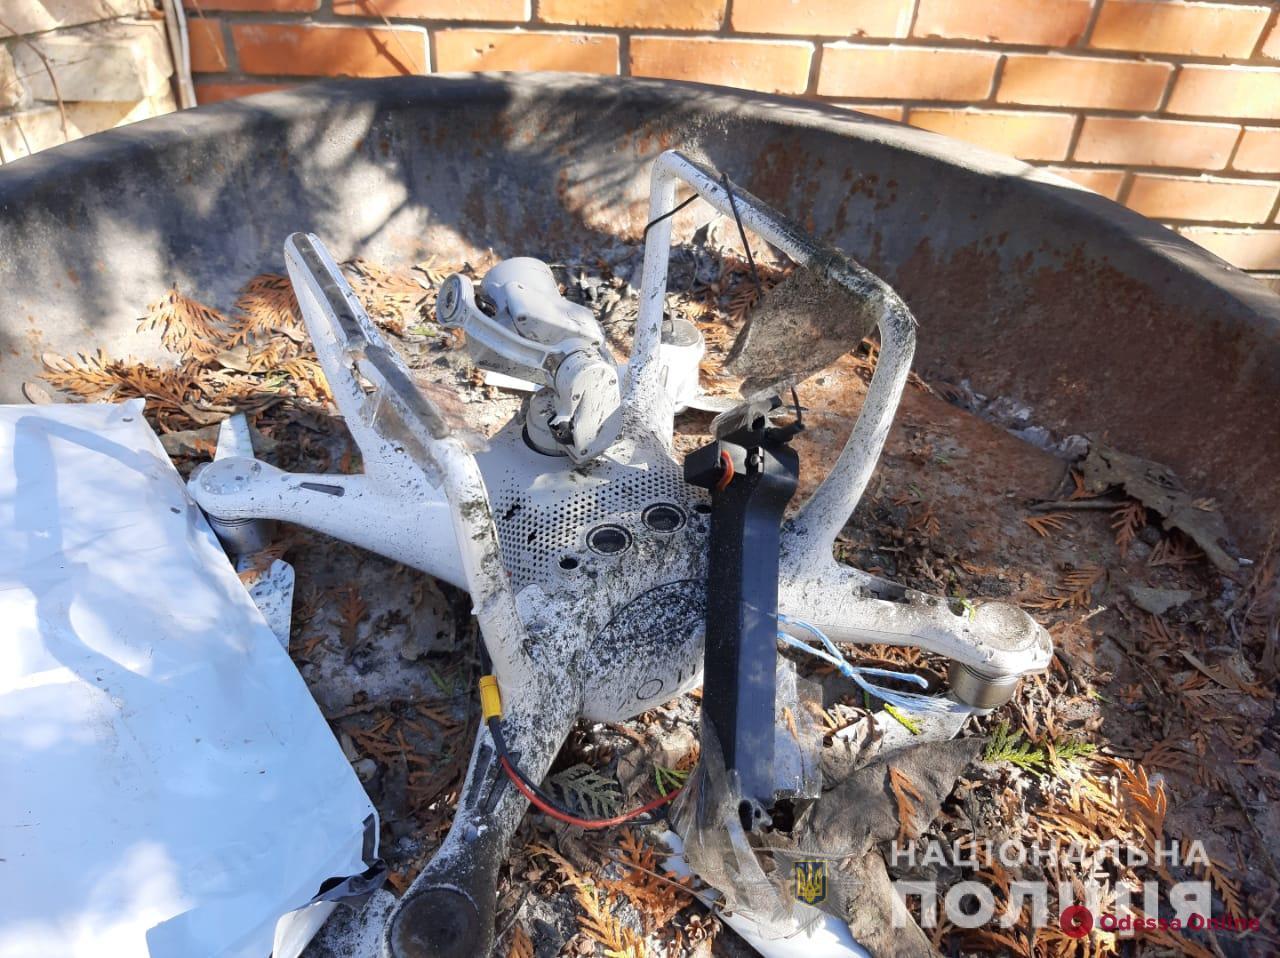 Во дворе частного дома на Дачной нашли квадрокоптер и осколки гранаты – полиция проводит проверку (обновлено)